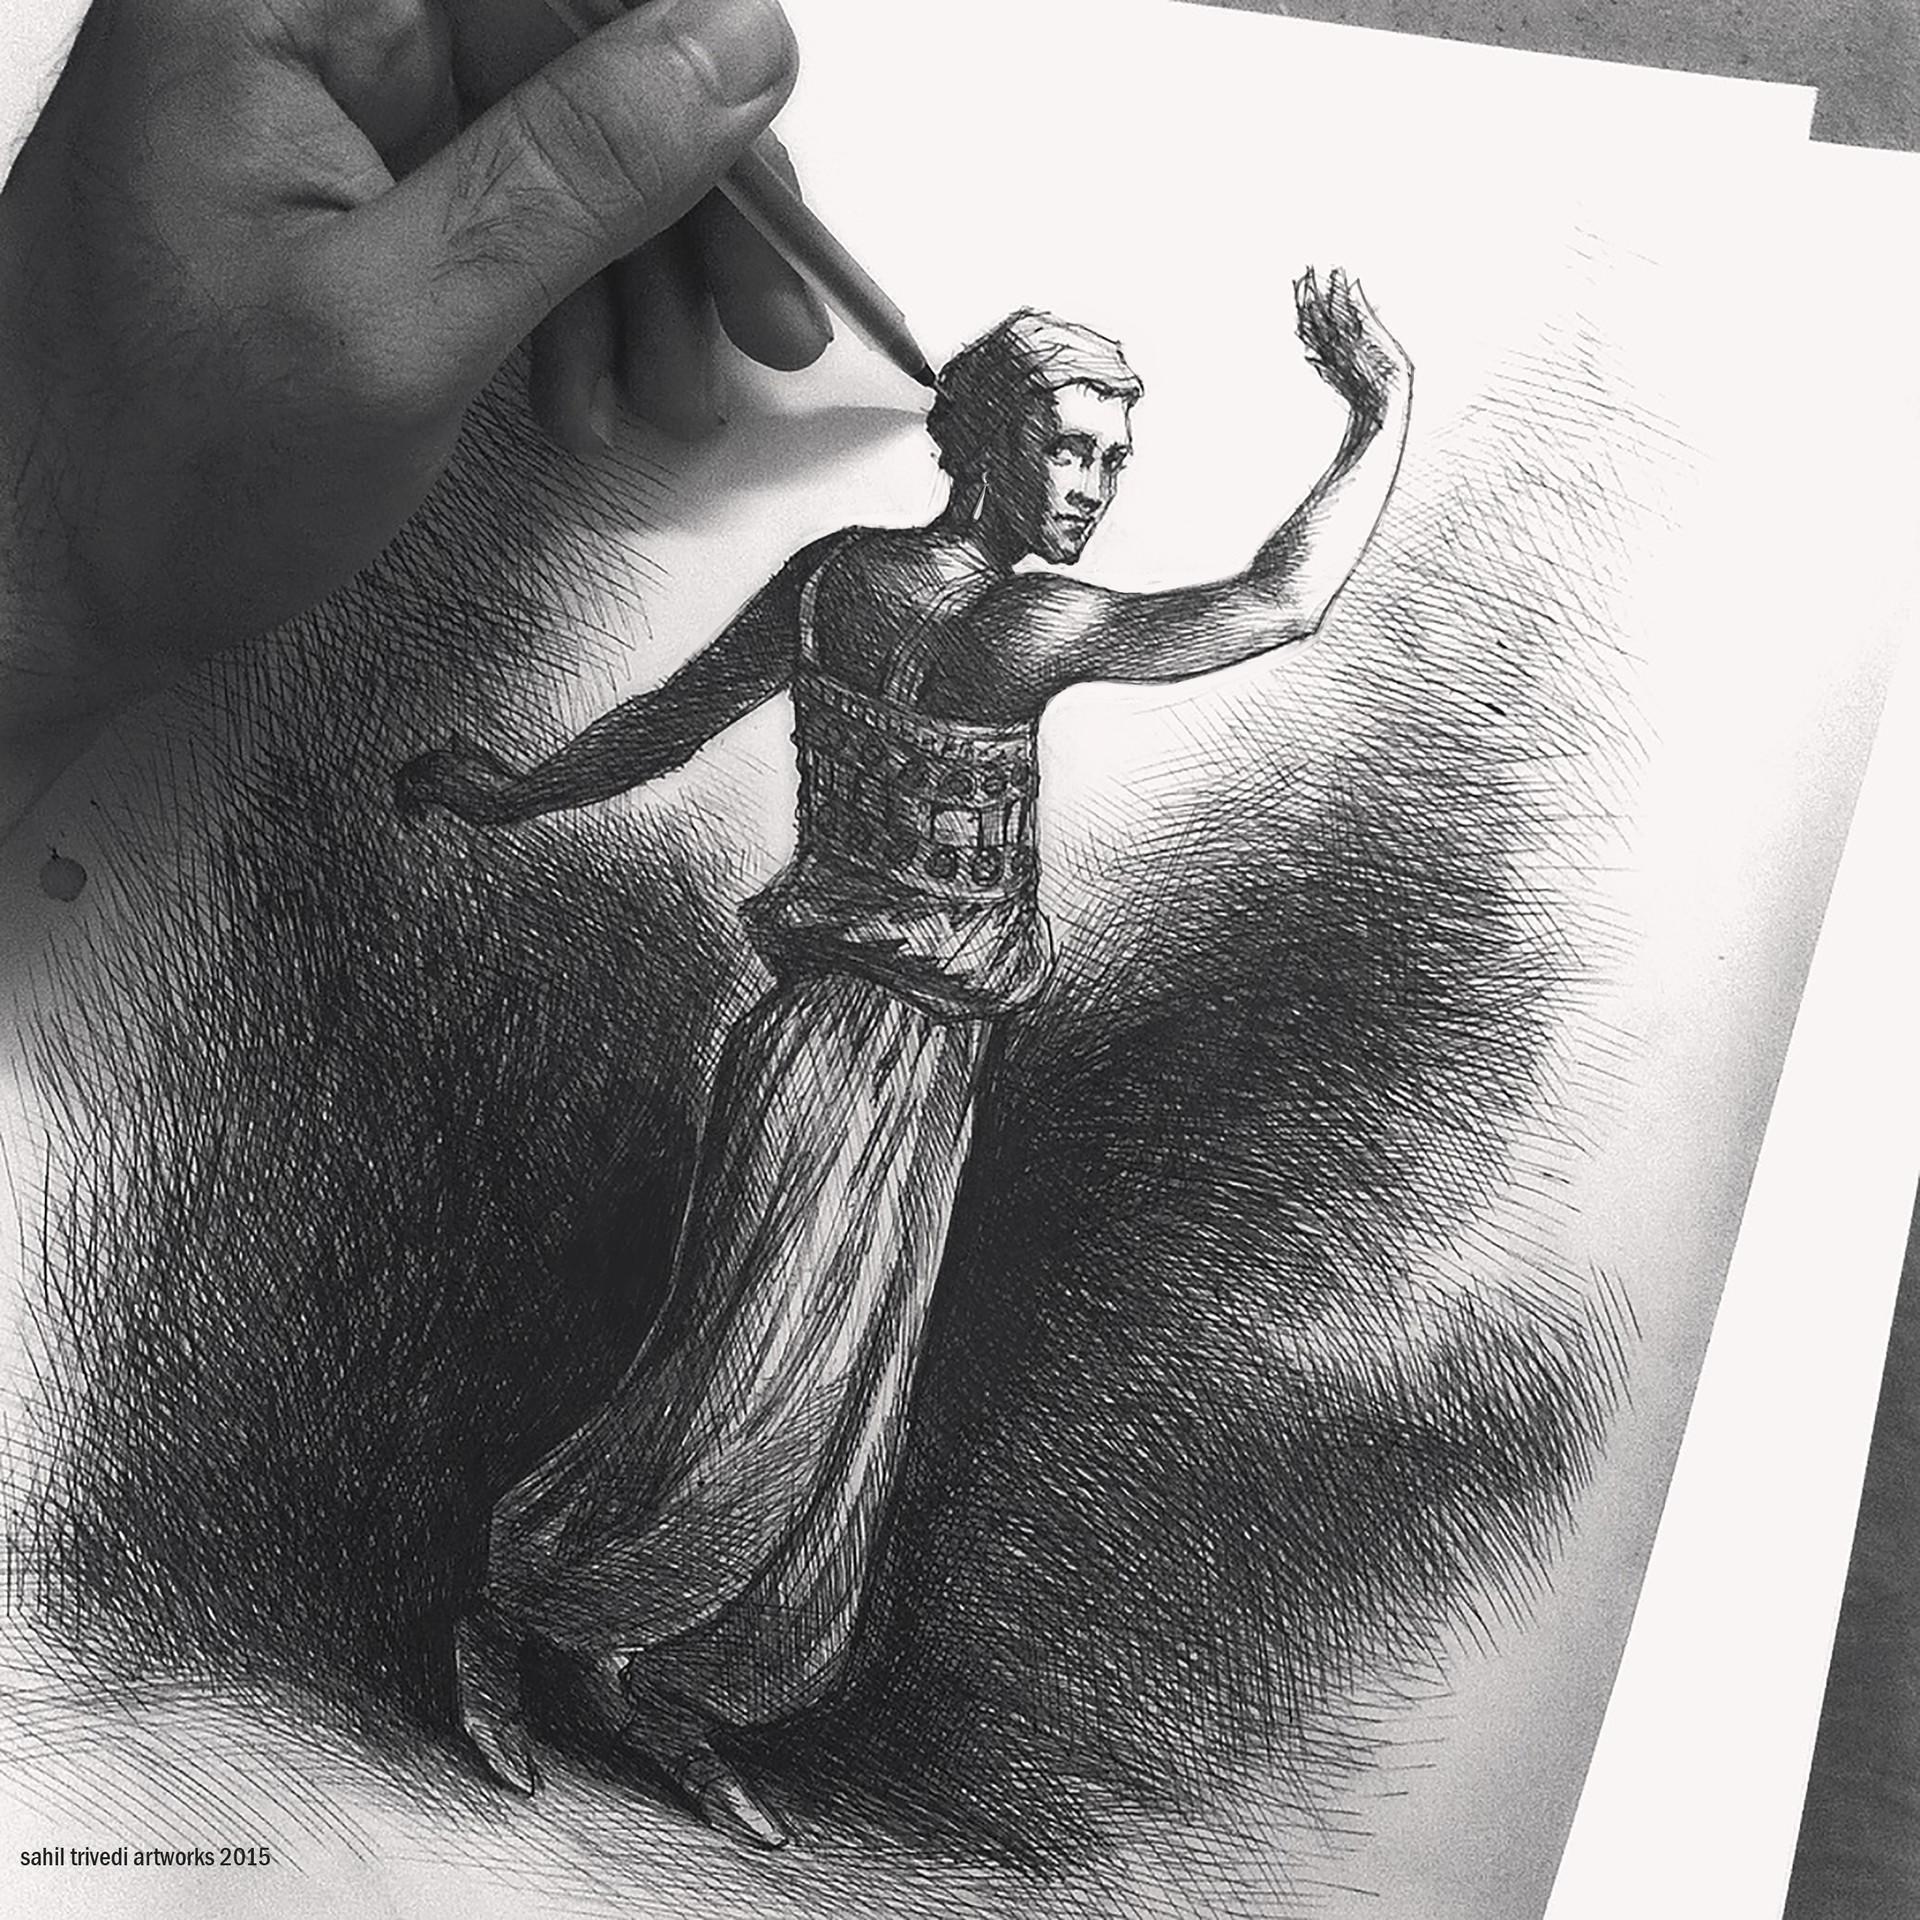 Sahil trivedi ink